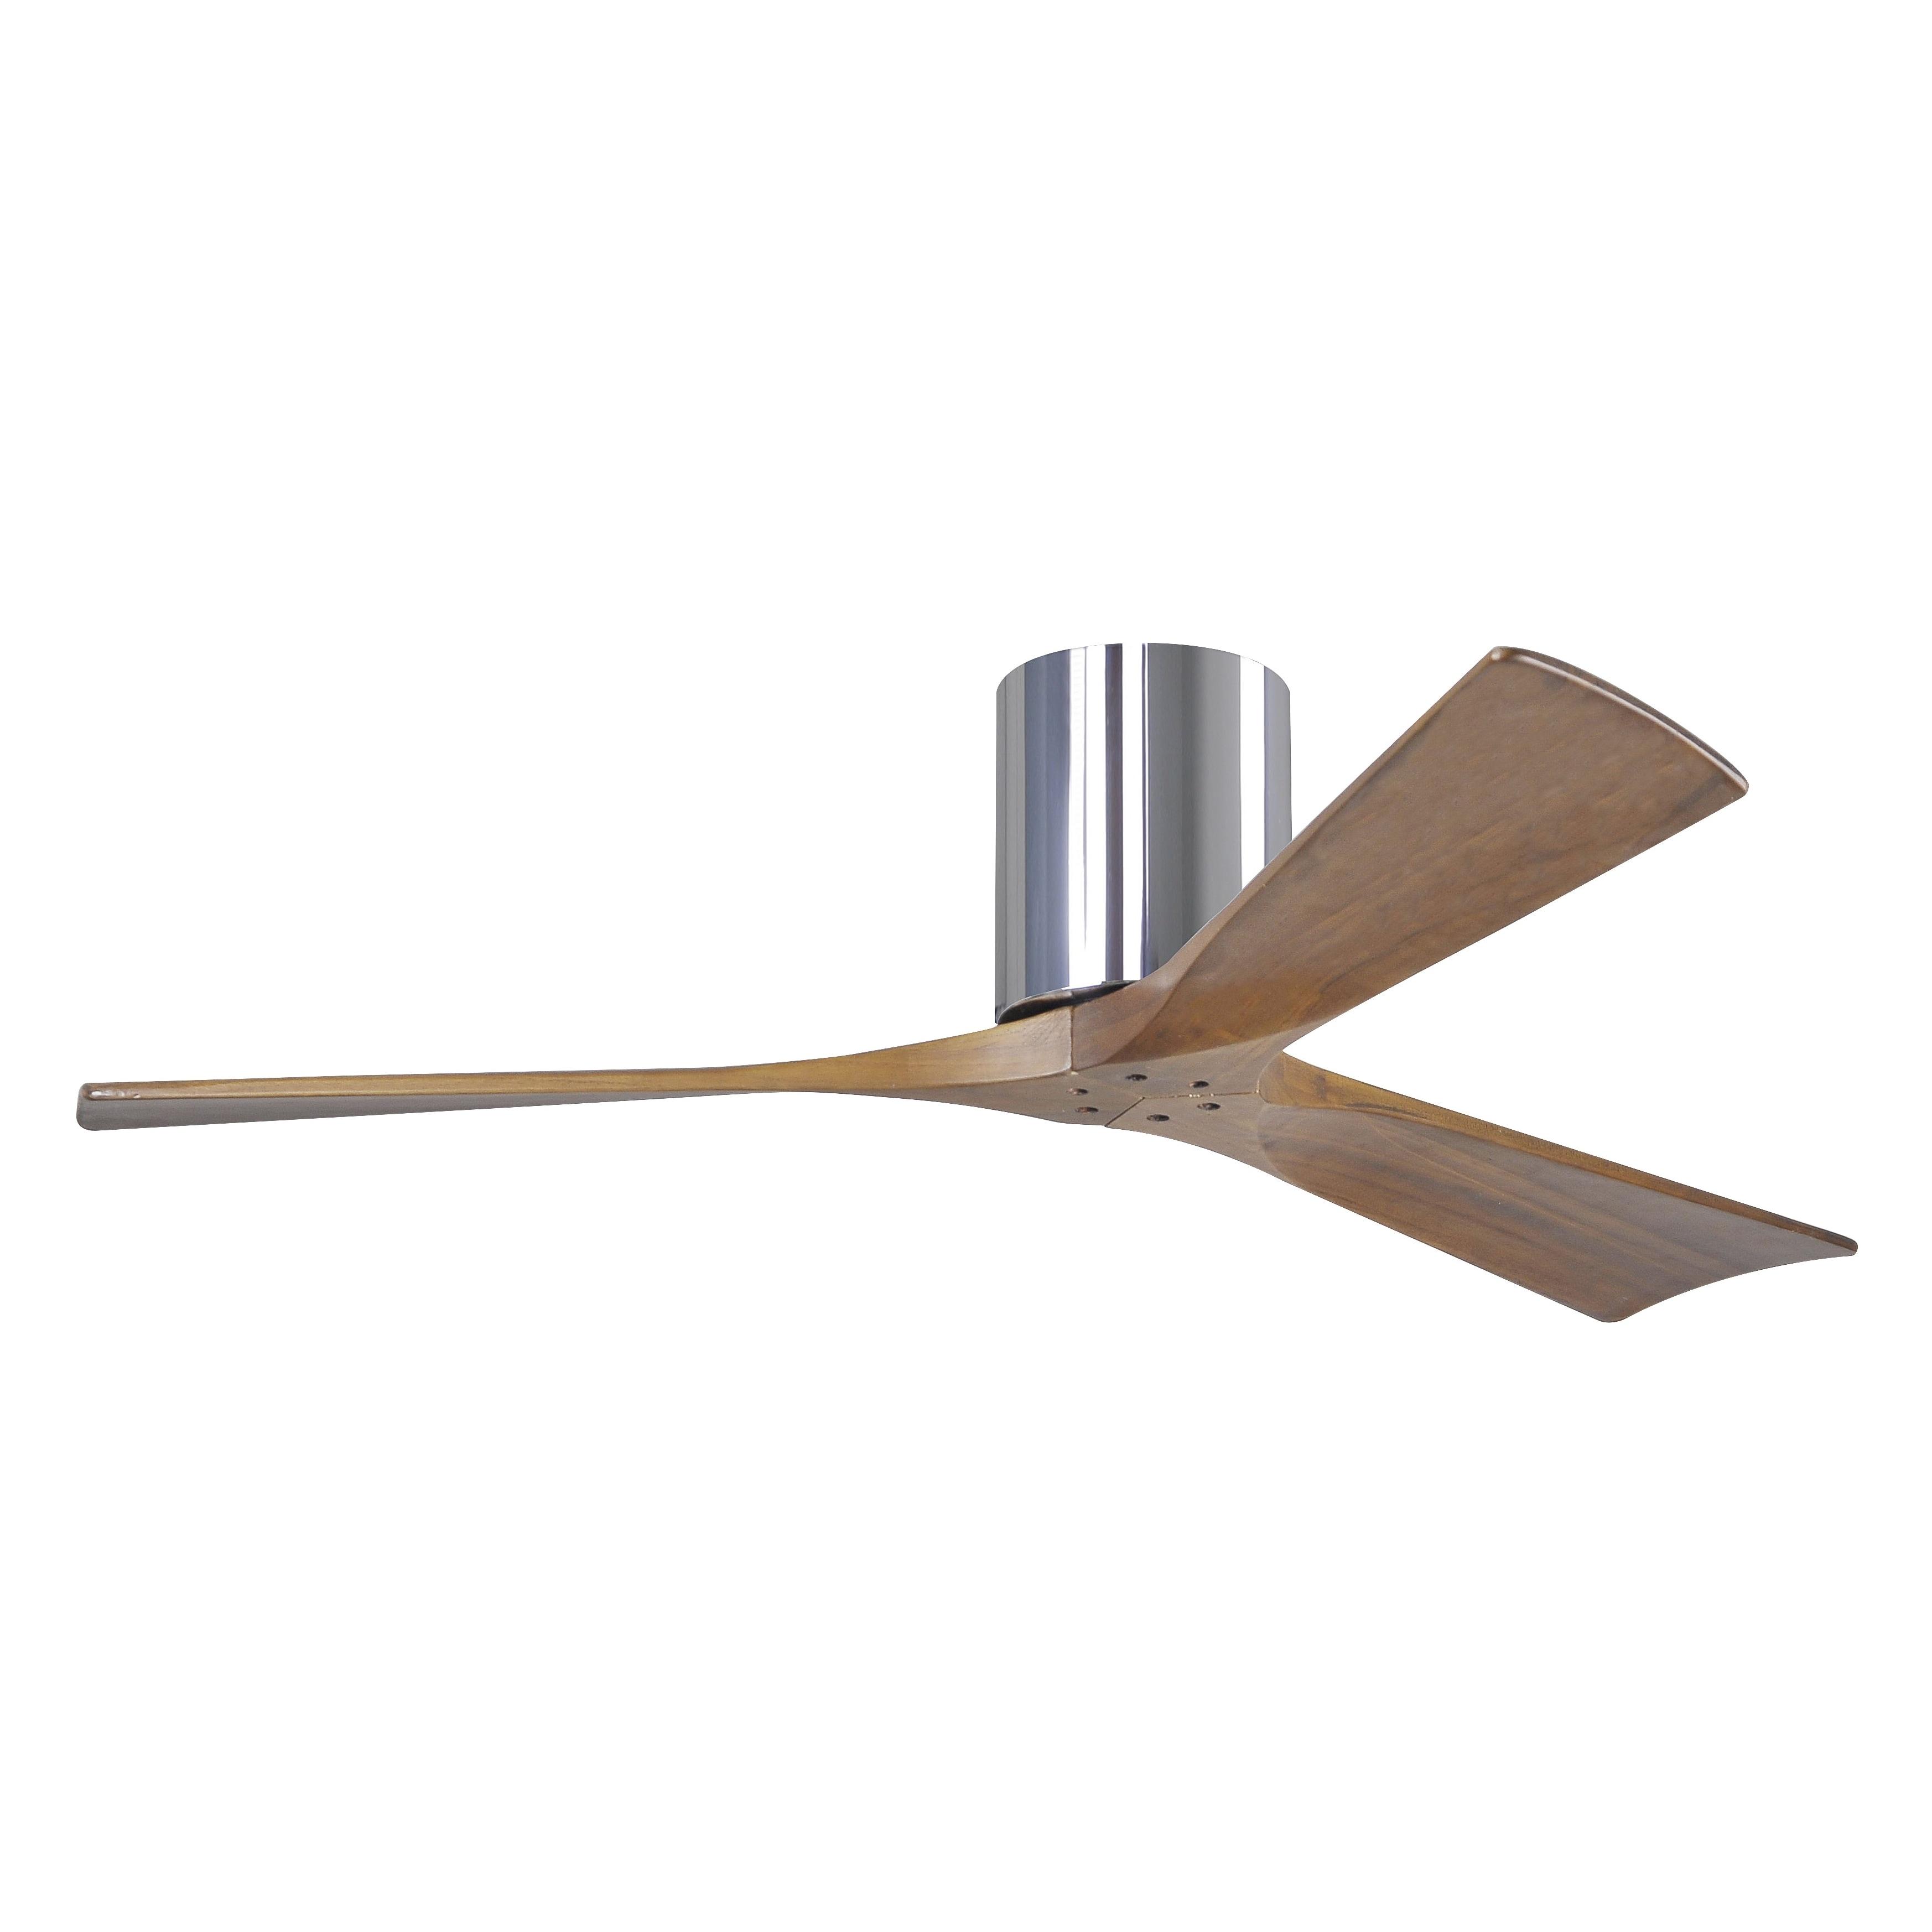 Matthews Fan pany Irene 3 Hugger 52 inch 3 blade Ceiling Fan